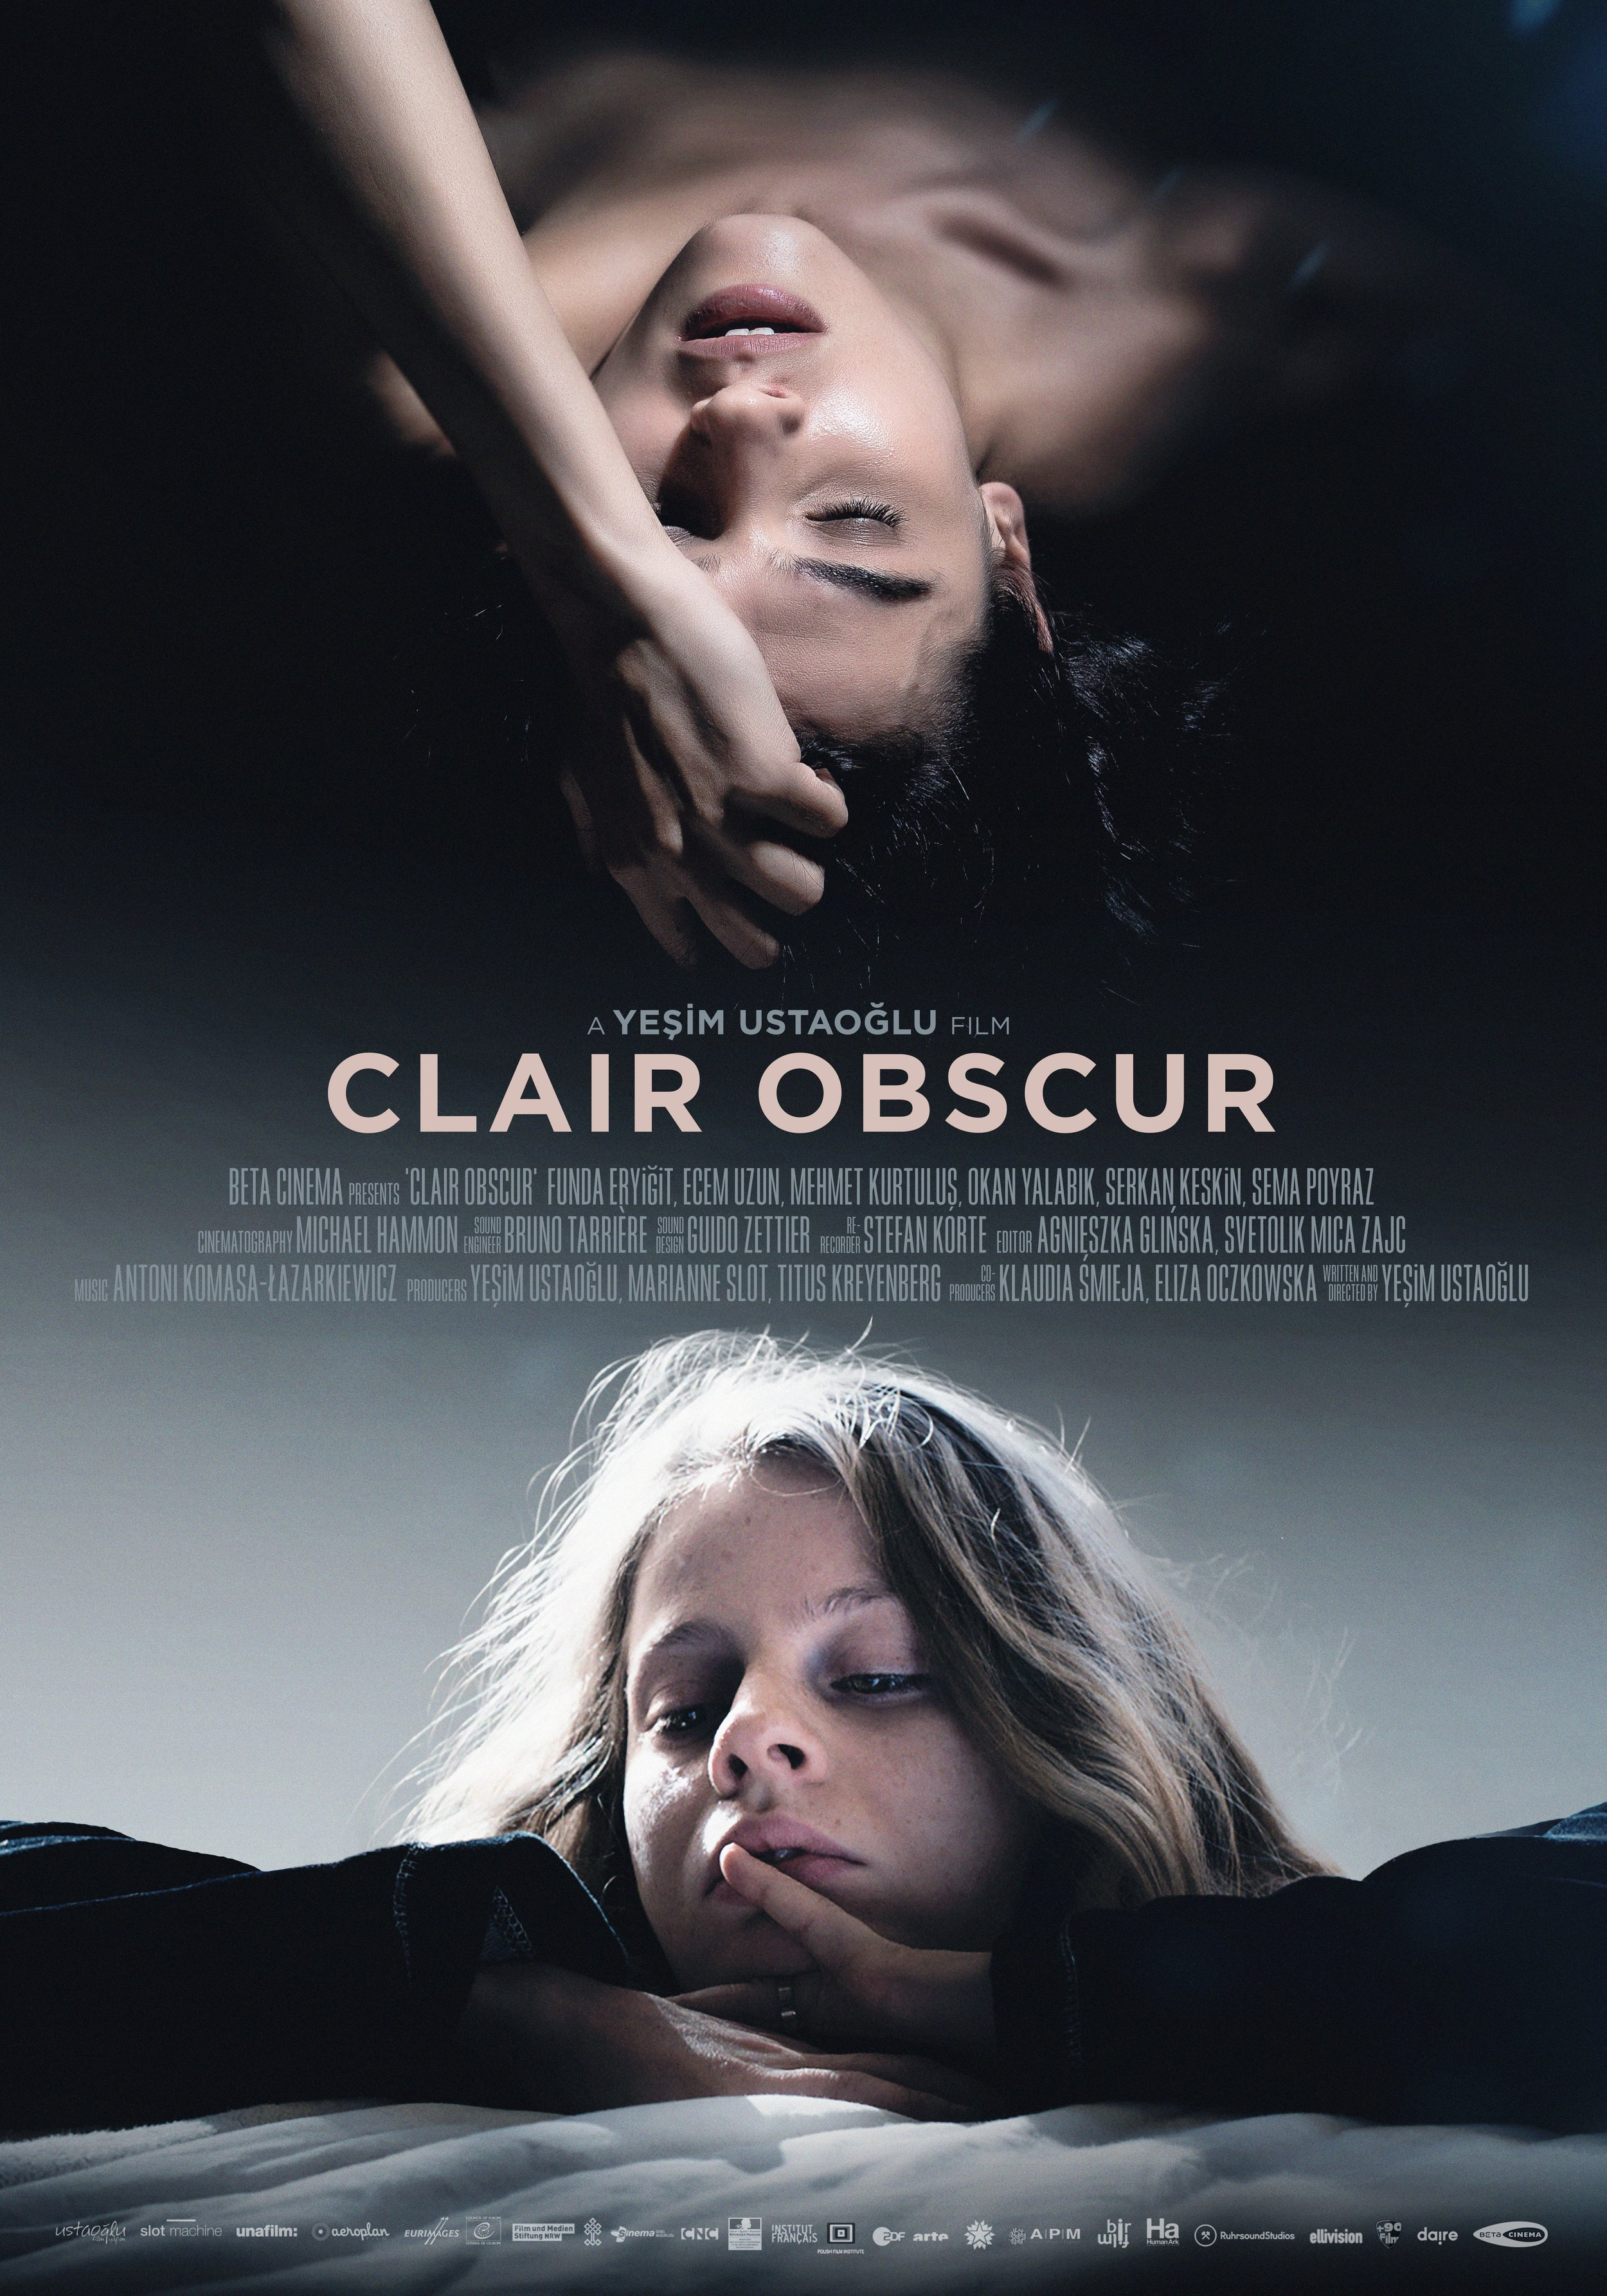 Clair Obscur  by  Yeşim Ustaoğlu